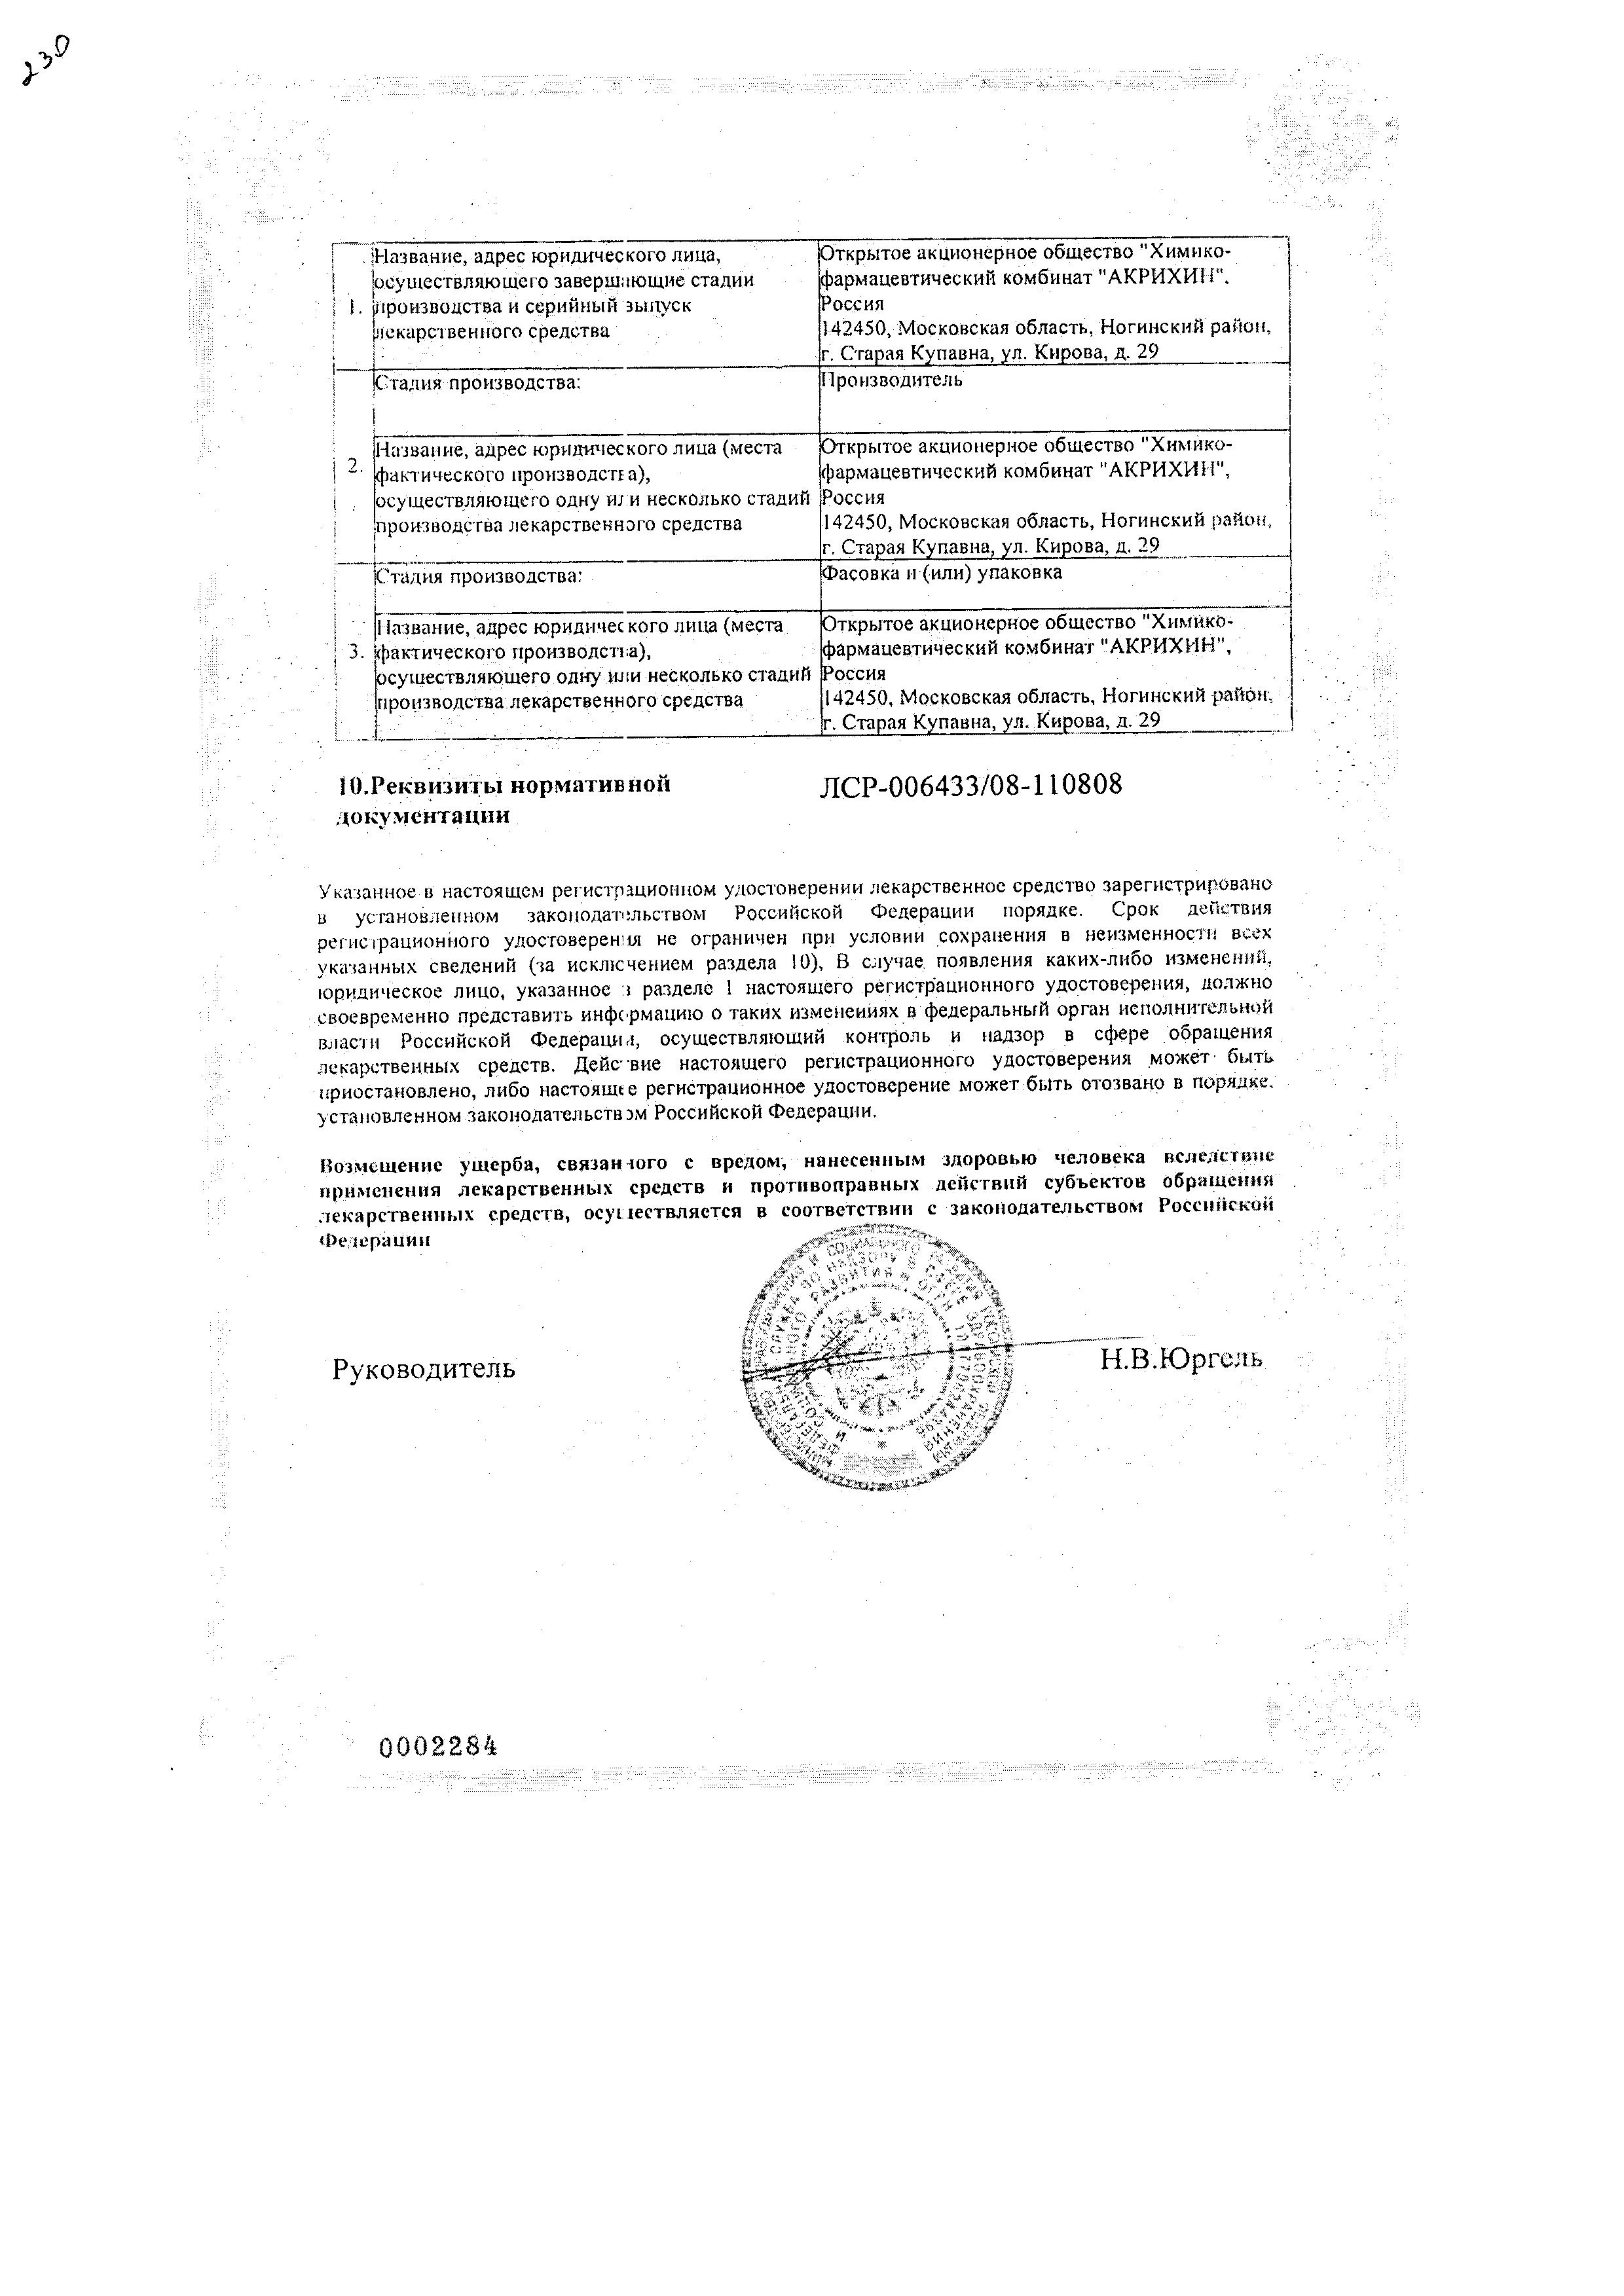 Акридерм Гента сертификат